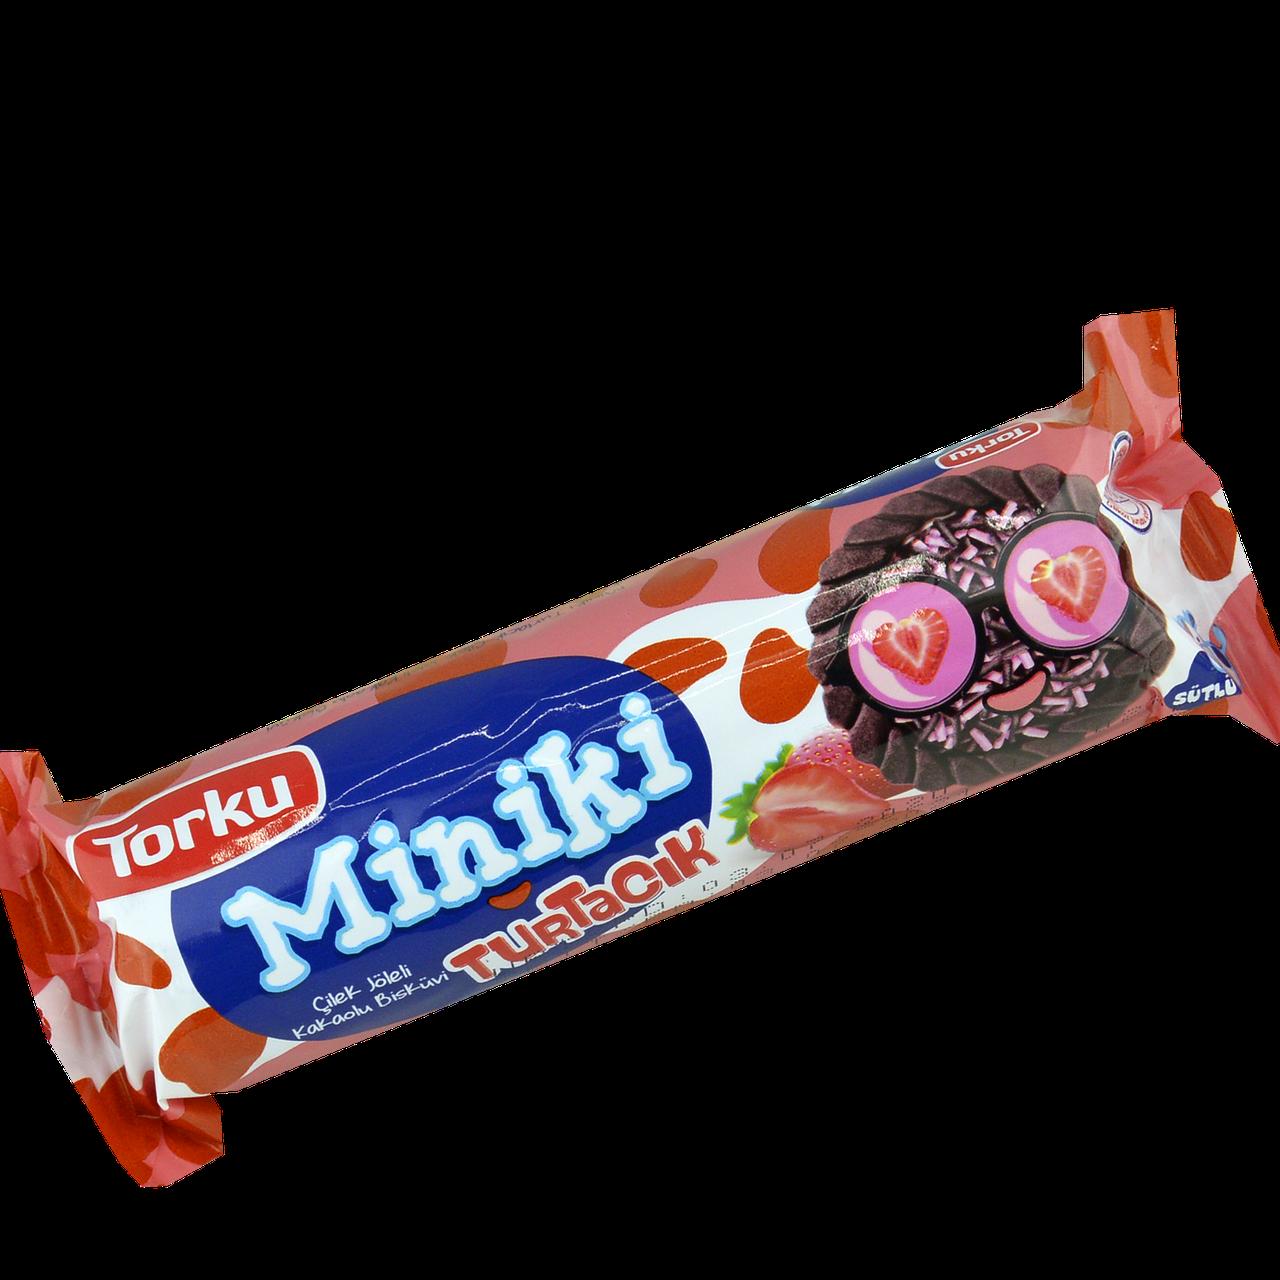 Печенье Torku Miniki с какао и с клубничным желе  94г(уп/24шт)